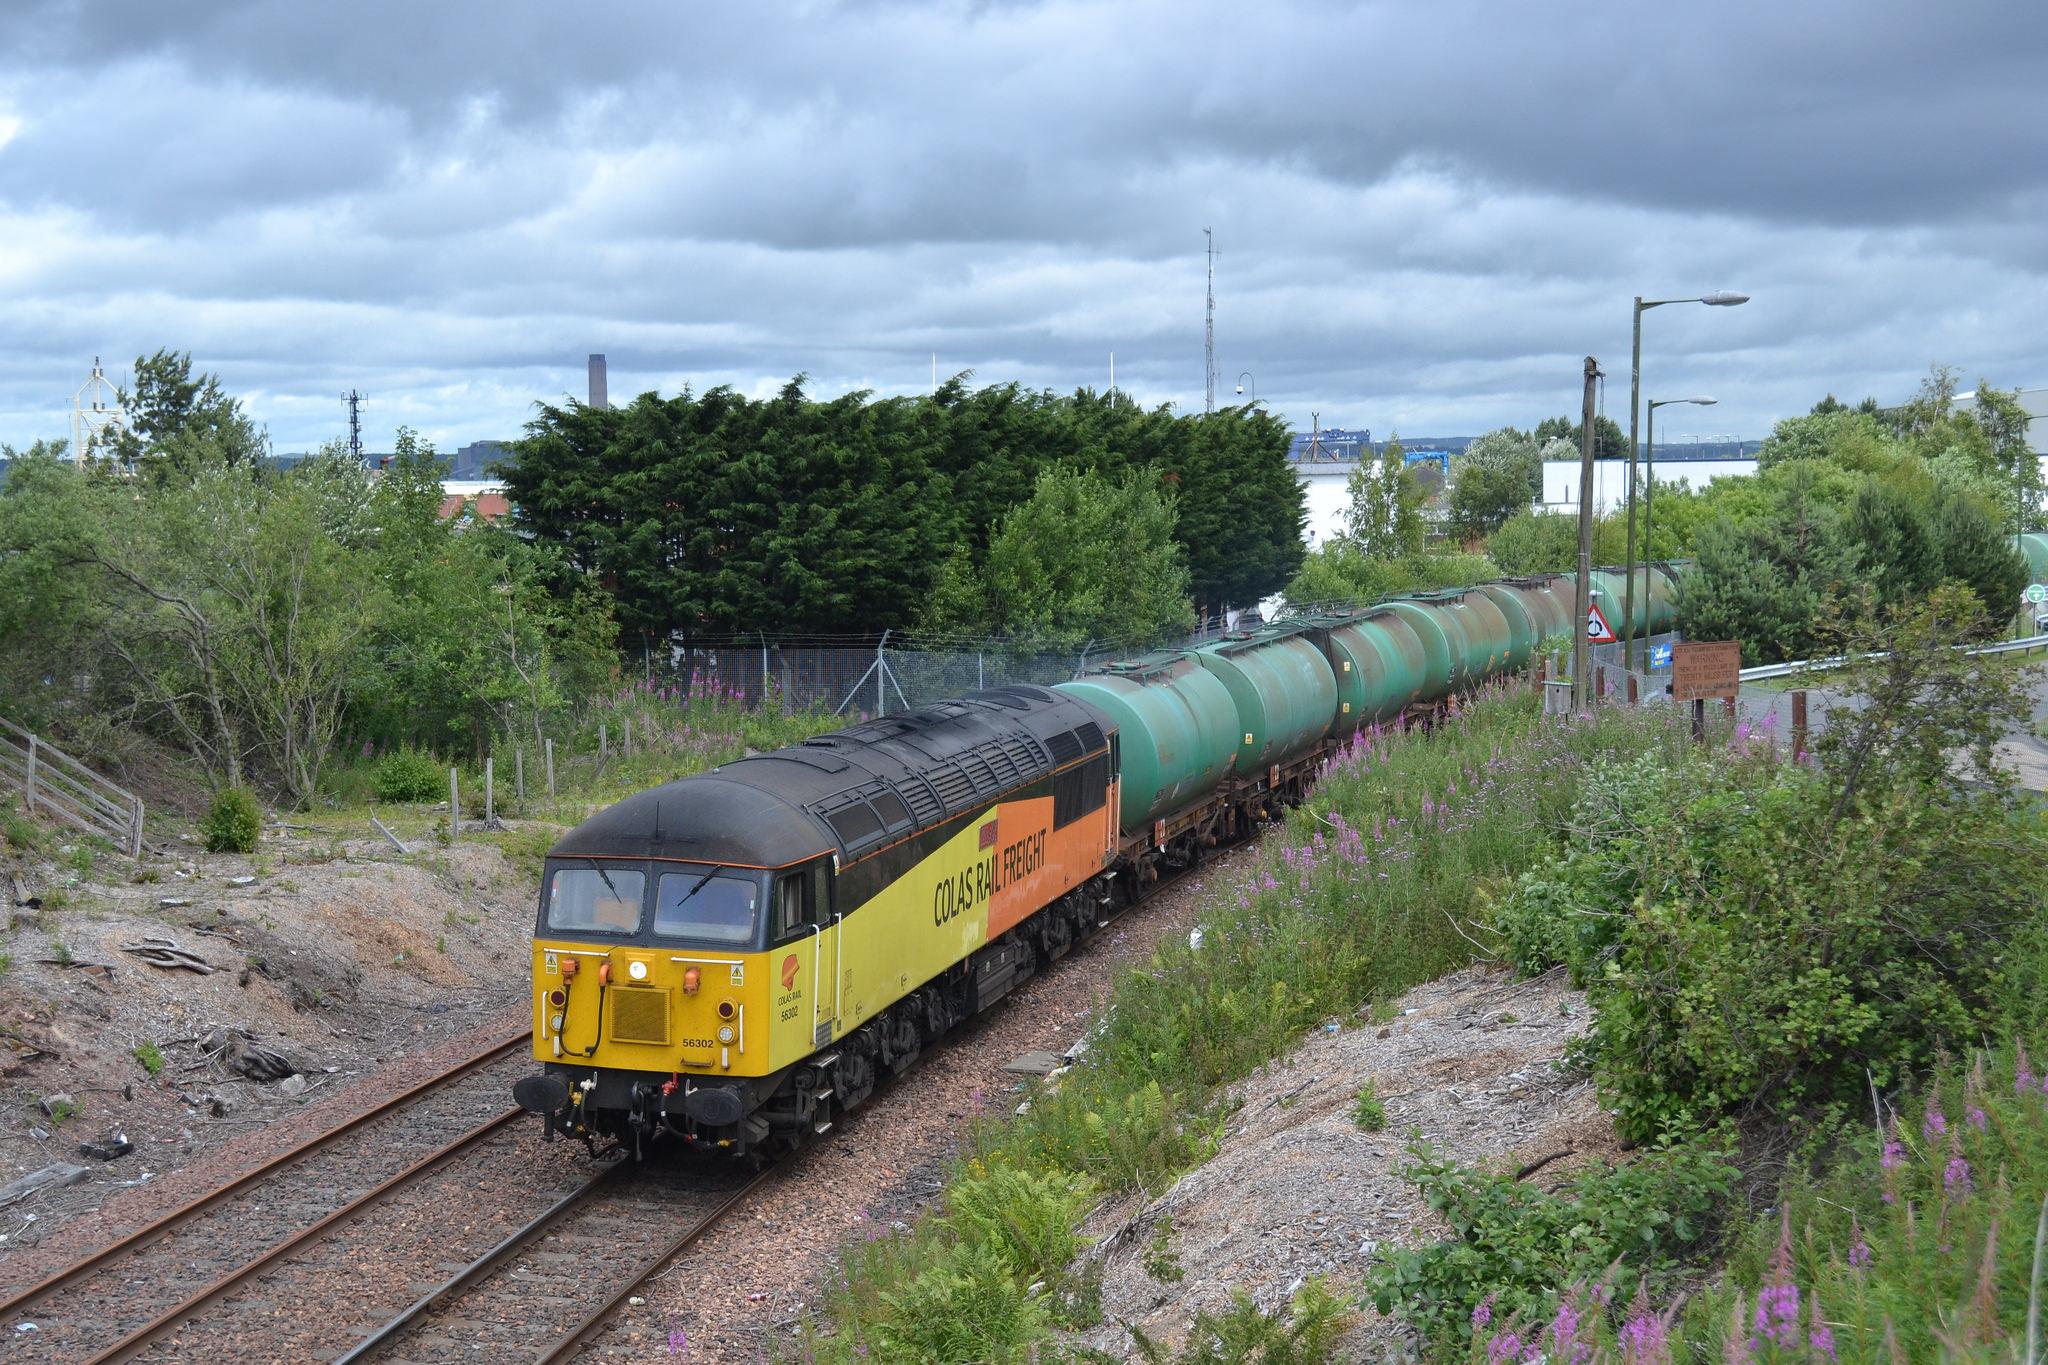 56302 fortwilliam oil train